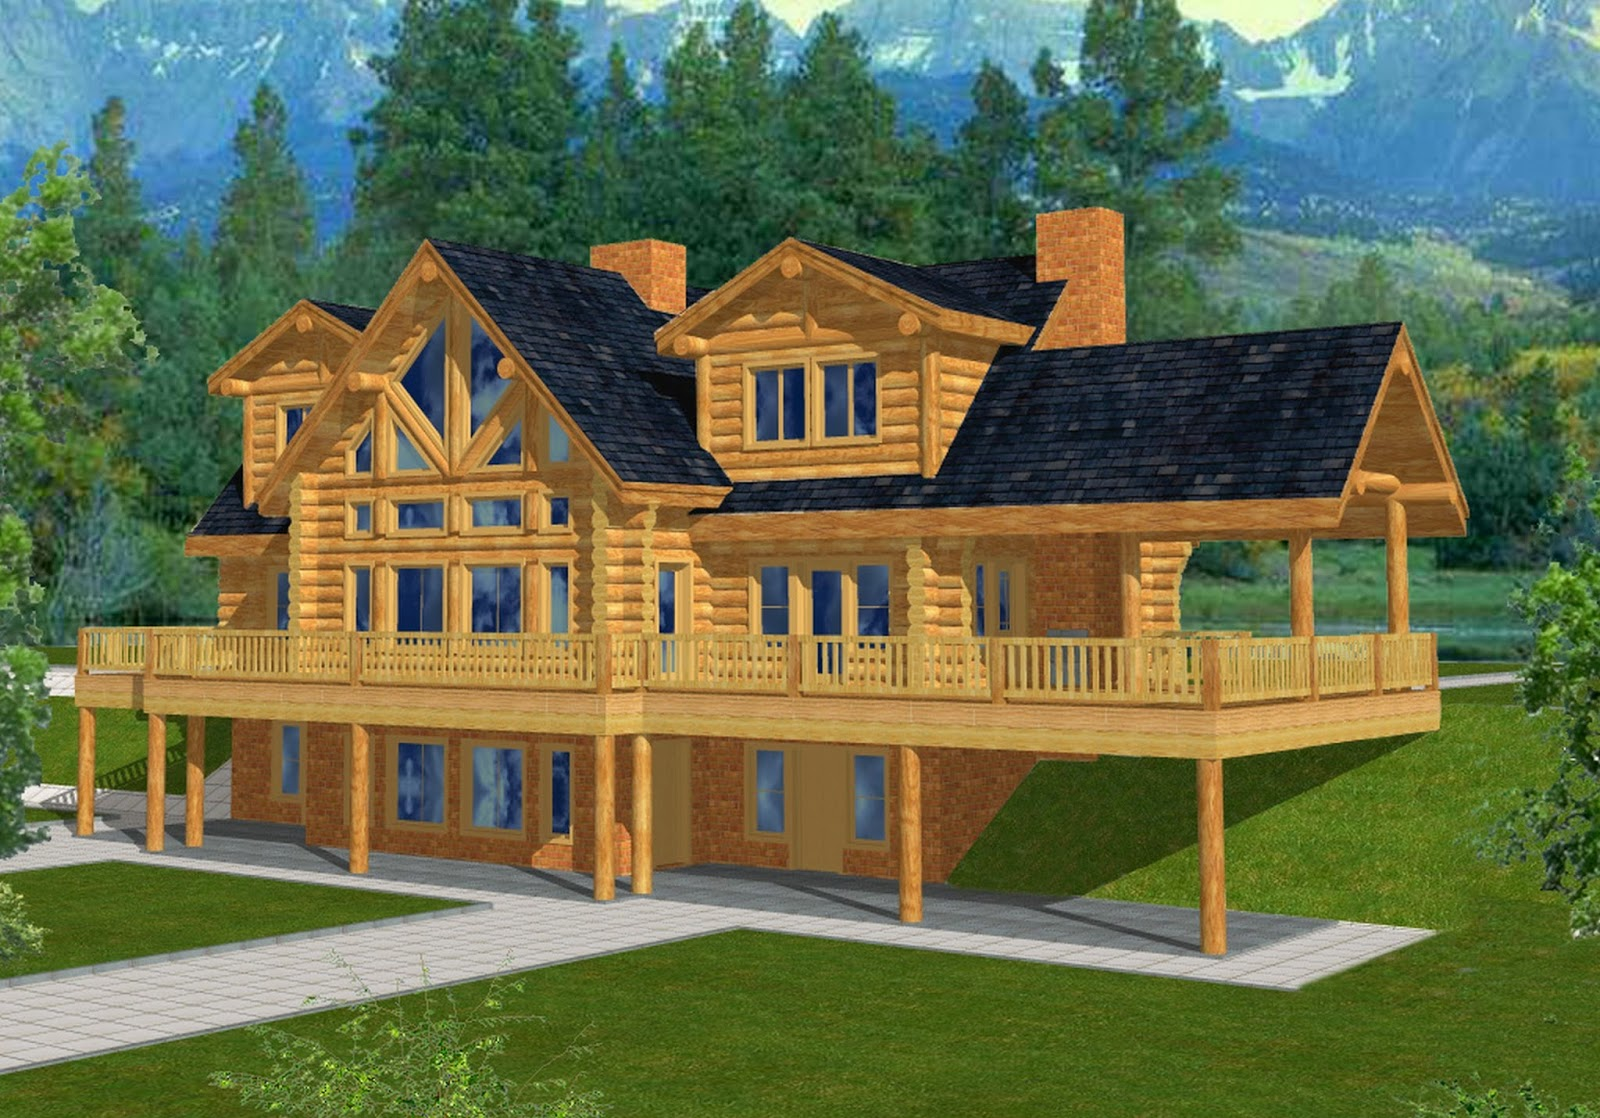 mountain home plans walkout basement basement house plans walkout basement house plans